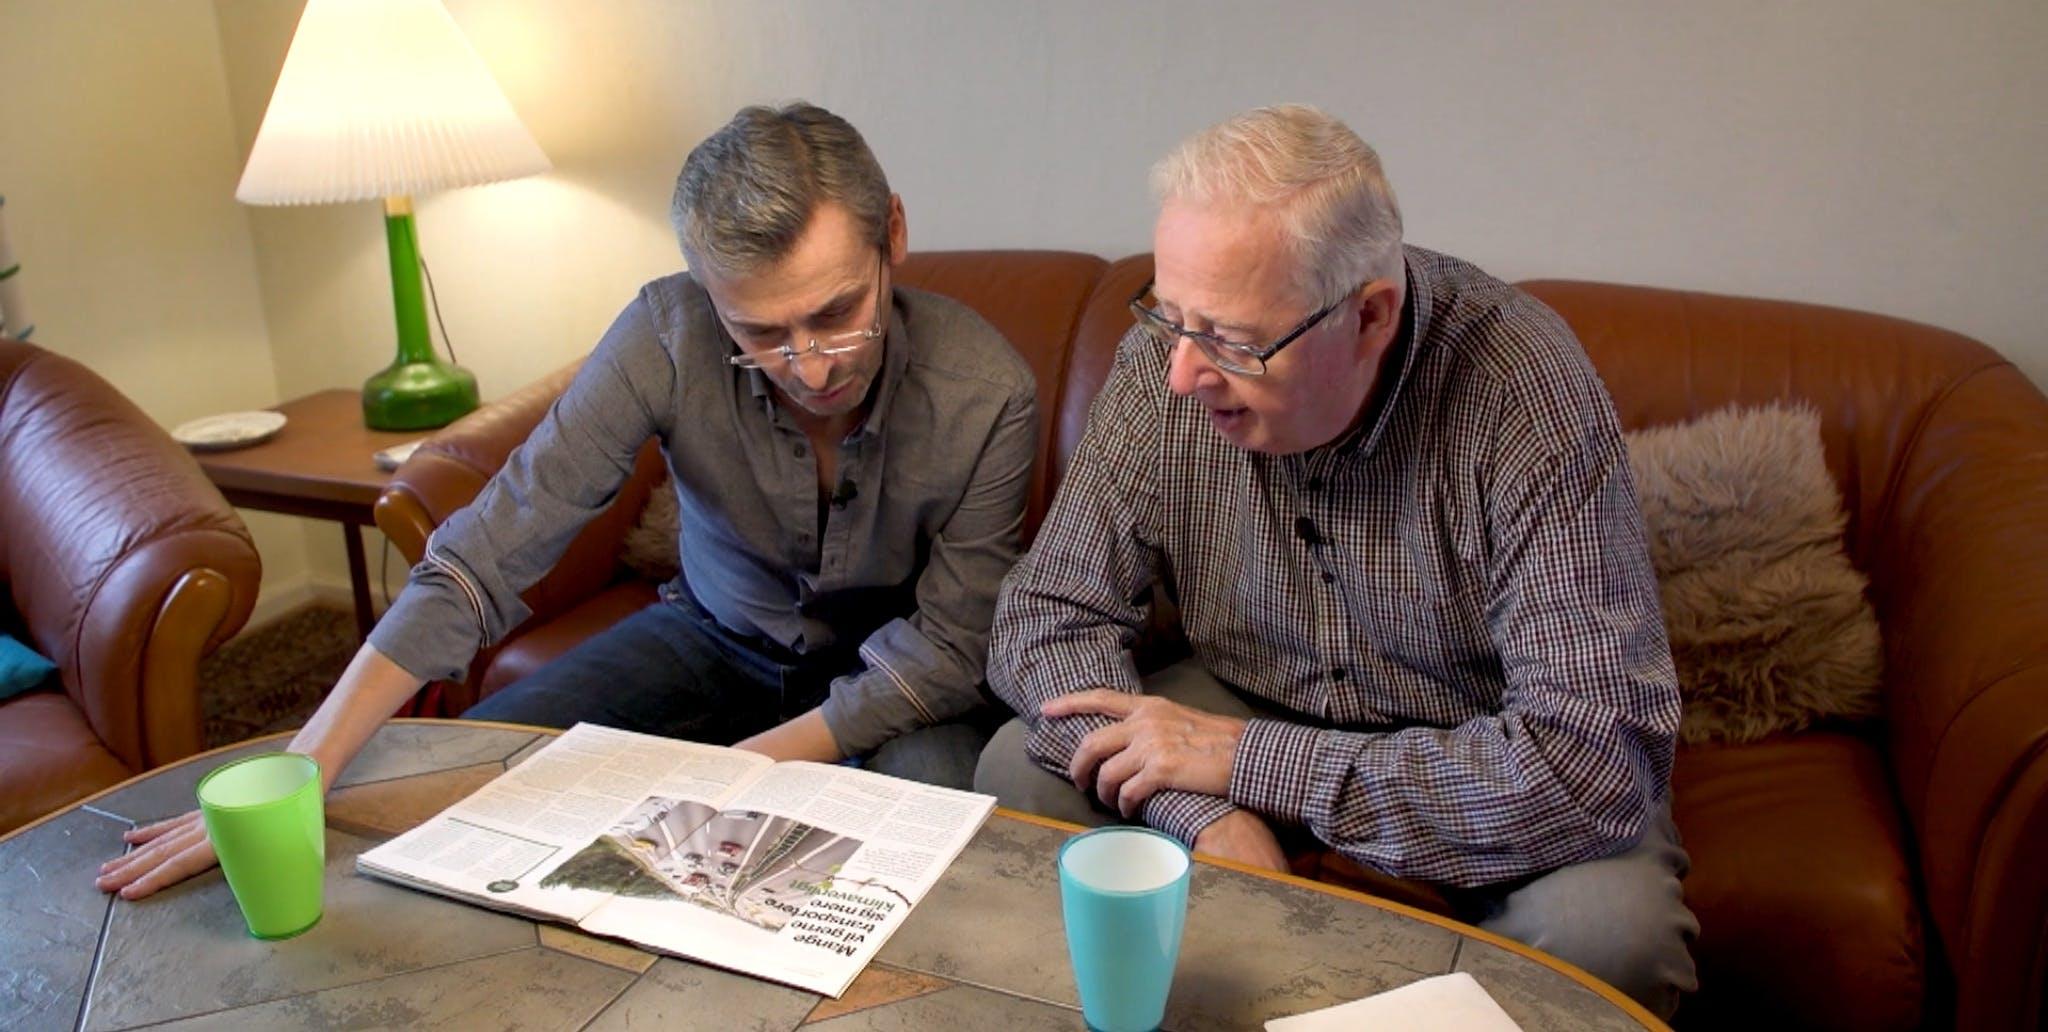 Der er opstået et tæt venskab mellem Elderlearn-matchet Rahim og Peter, som har mødtes i over et år. Foto: Elderlearn.